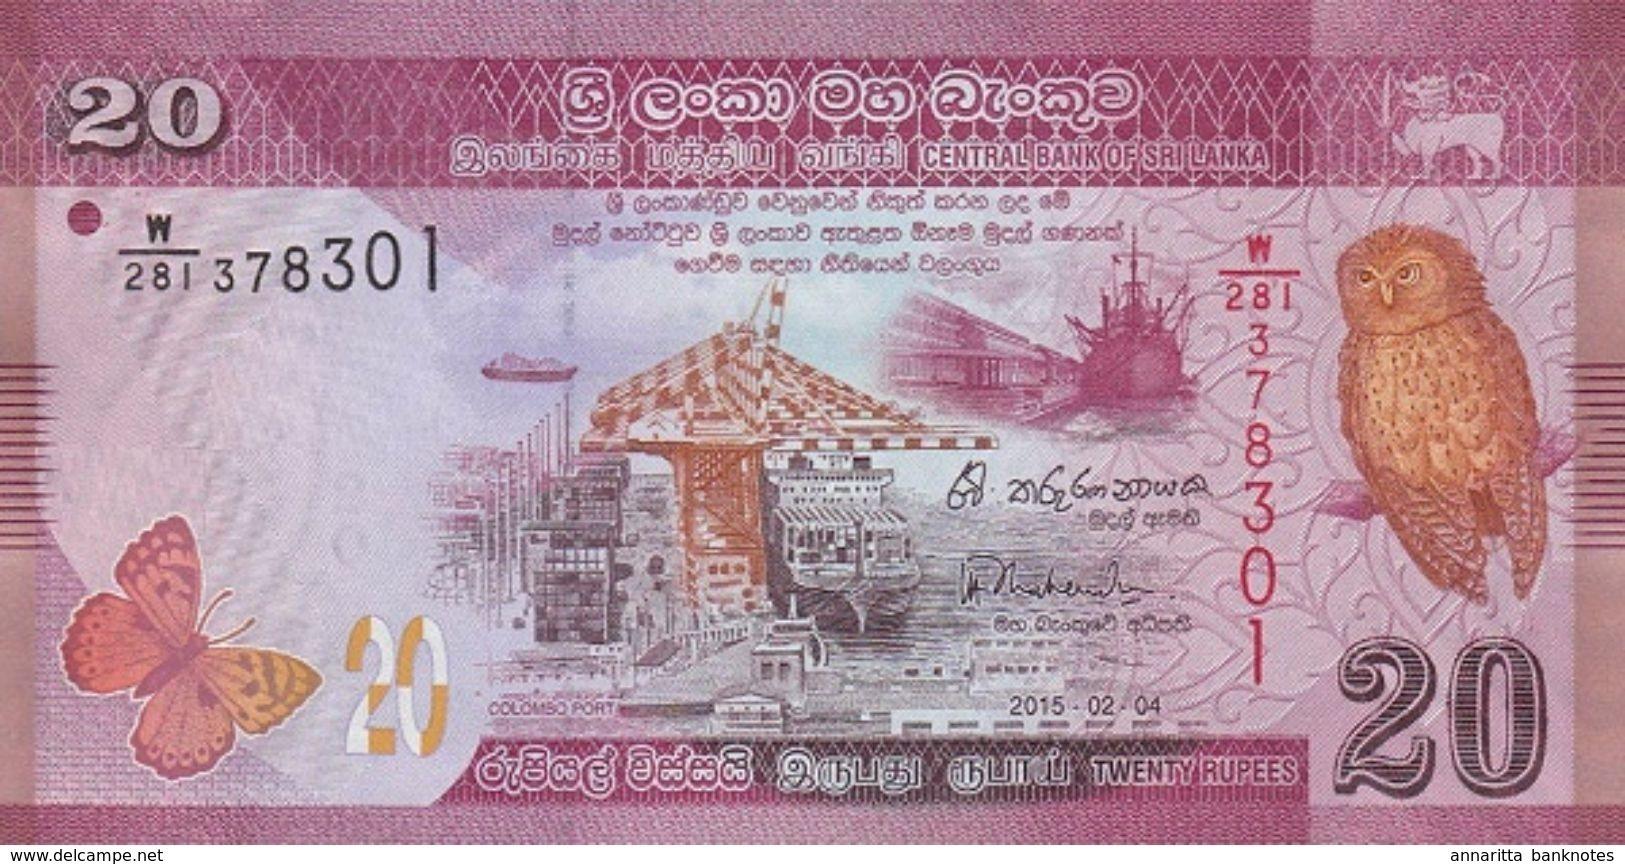 SRI LANKA 20 RUPEES 2015 P-123b UNC [LK123c] - Sri Lanka